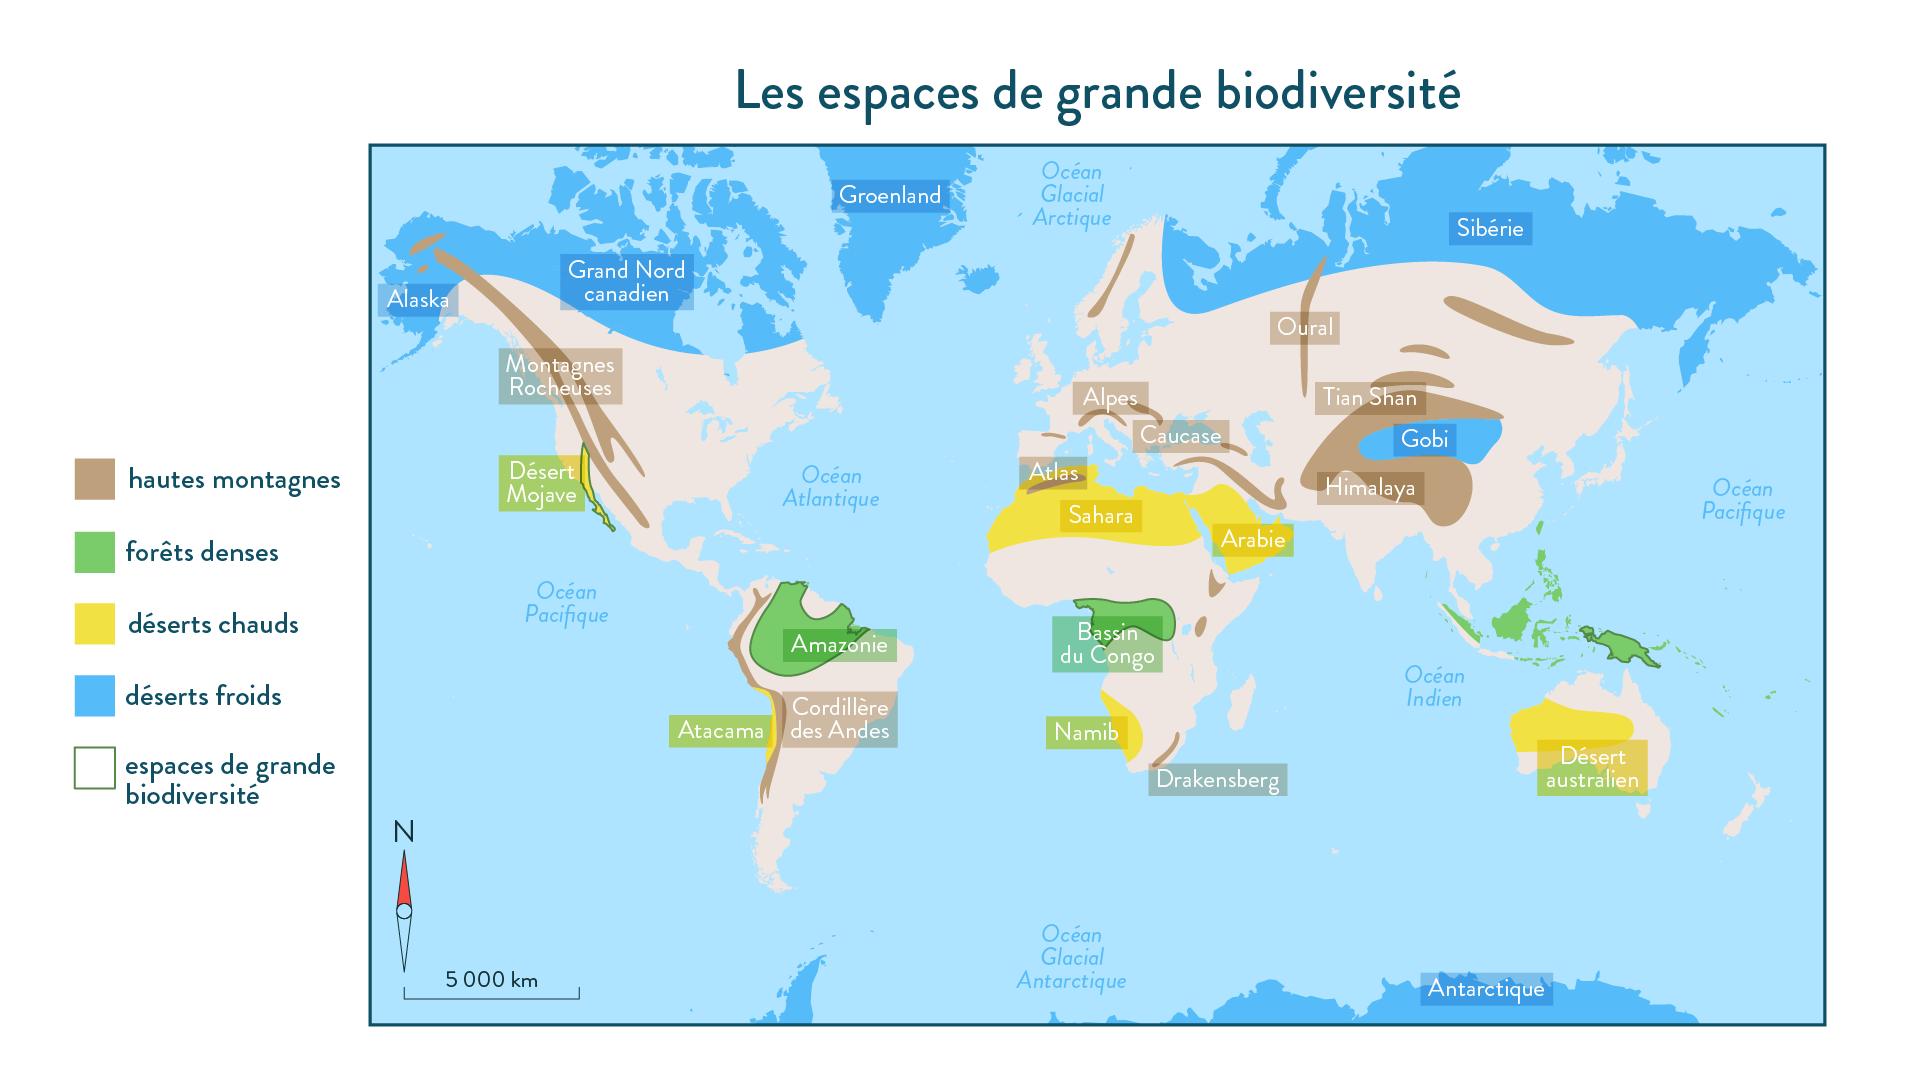 6e-géographie-SchoolMouv - Les espaces de grande biodiversité